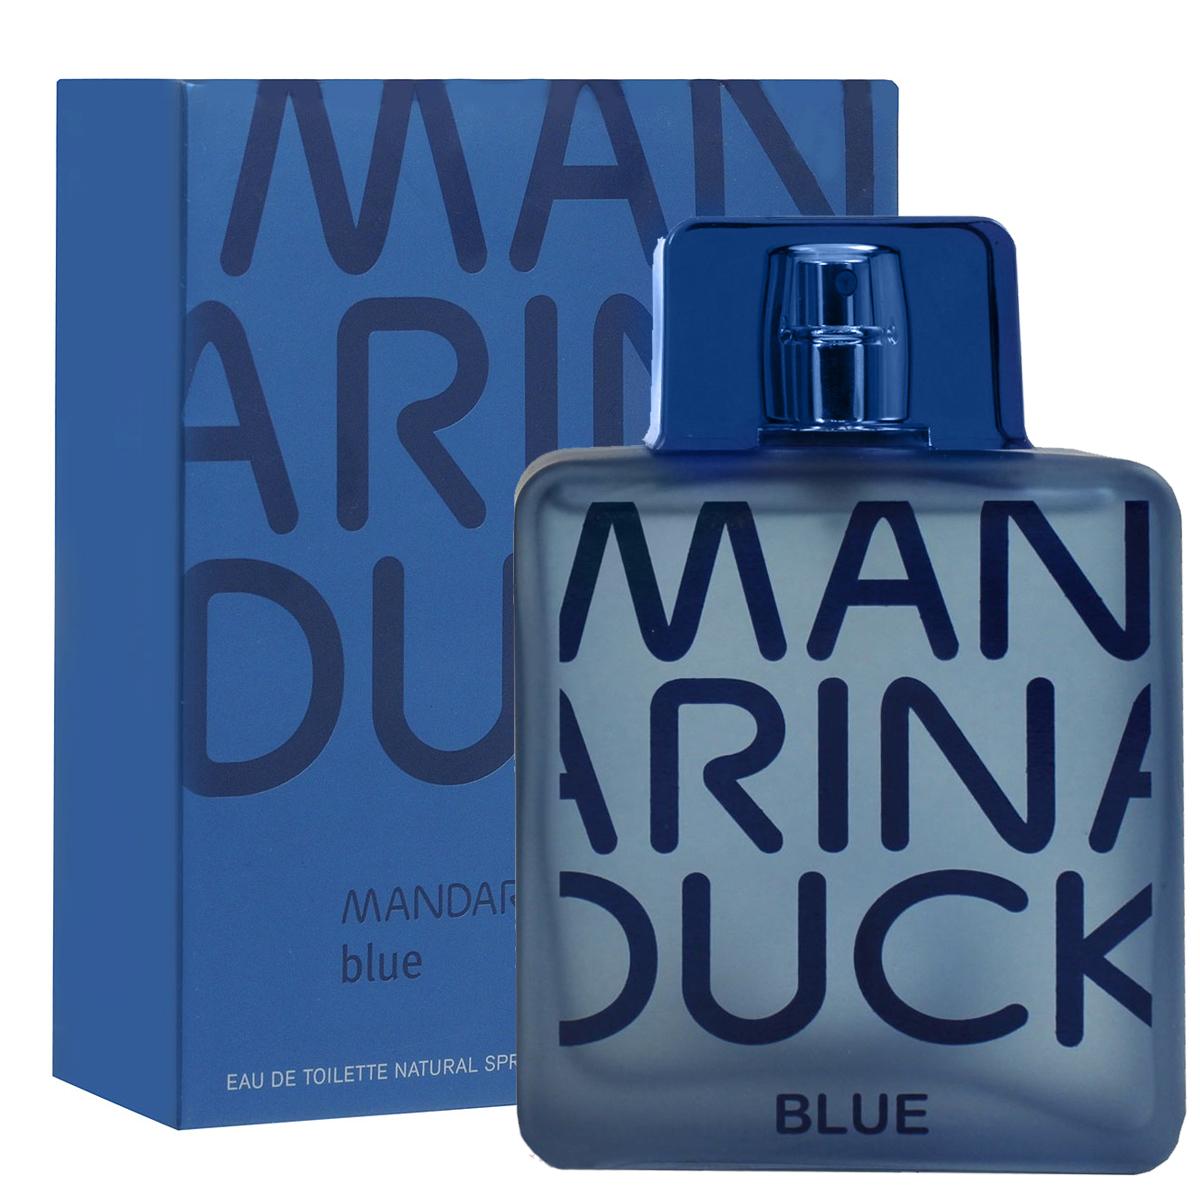 Mandarina Duck Туалетная вода Blue, мужская, 100 мл47105Соблазнительный и свежий аромат Blue от Mandarina Duck сочетает в себе модные аспекты со свежими и традиционными ценностями. Свежий древесно-водный аромат. Искрящийся и лучистый в верхних нотах…словно бриз свежего воздуха. Сочные фрукты, цитрус и озон создают синий соленый аромат моря. В сердце лежат специи и фиалки, наполняющие аромат элегантным и необычным характером. Классификация аромата : морской, древесно-водный. Пирамида аромата : Верхние ноты: масло итальянского бергамота, масло грейпфрута и сочные фрукты. Ноты сердца: листья фиалки из Египта, озон, кардамон из Гватемалы. Ноты шлейфа: кедр, серая амбра, бобы тонка. Ключевые слова Свежий, элегантный, мужественный! Туалетная вода - один из самых популярных видов парфюмерной продукции. Туалетная вода содержит 4-10% парфюмерного экстракта. Главные достоинства данного типа продукции...